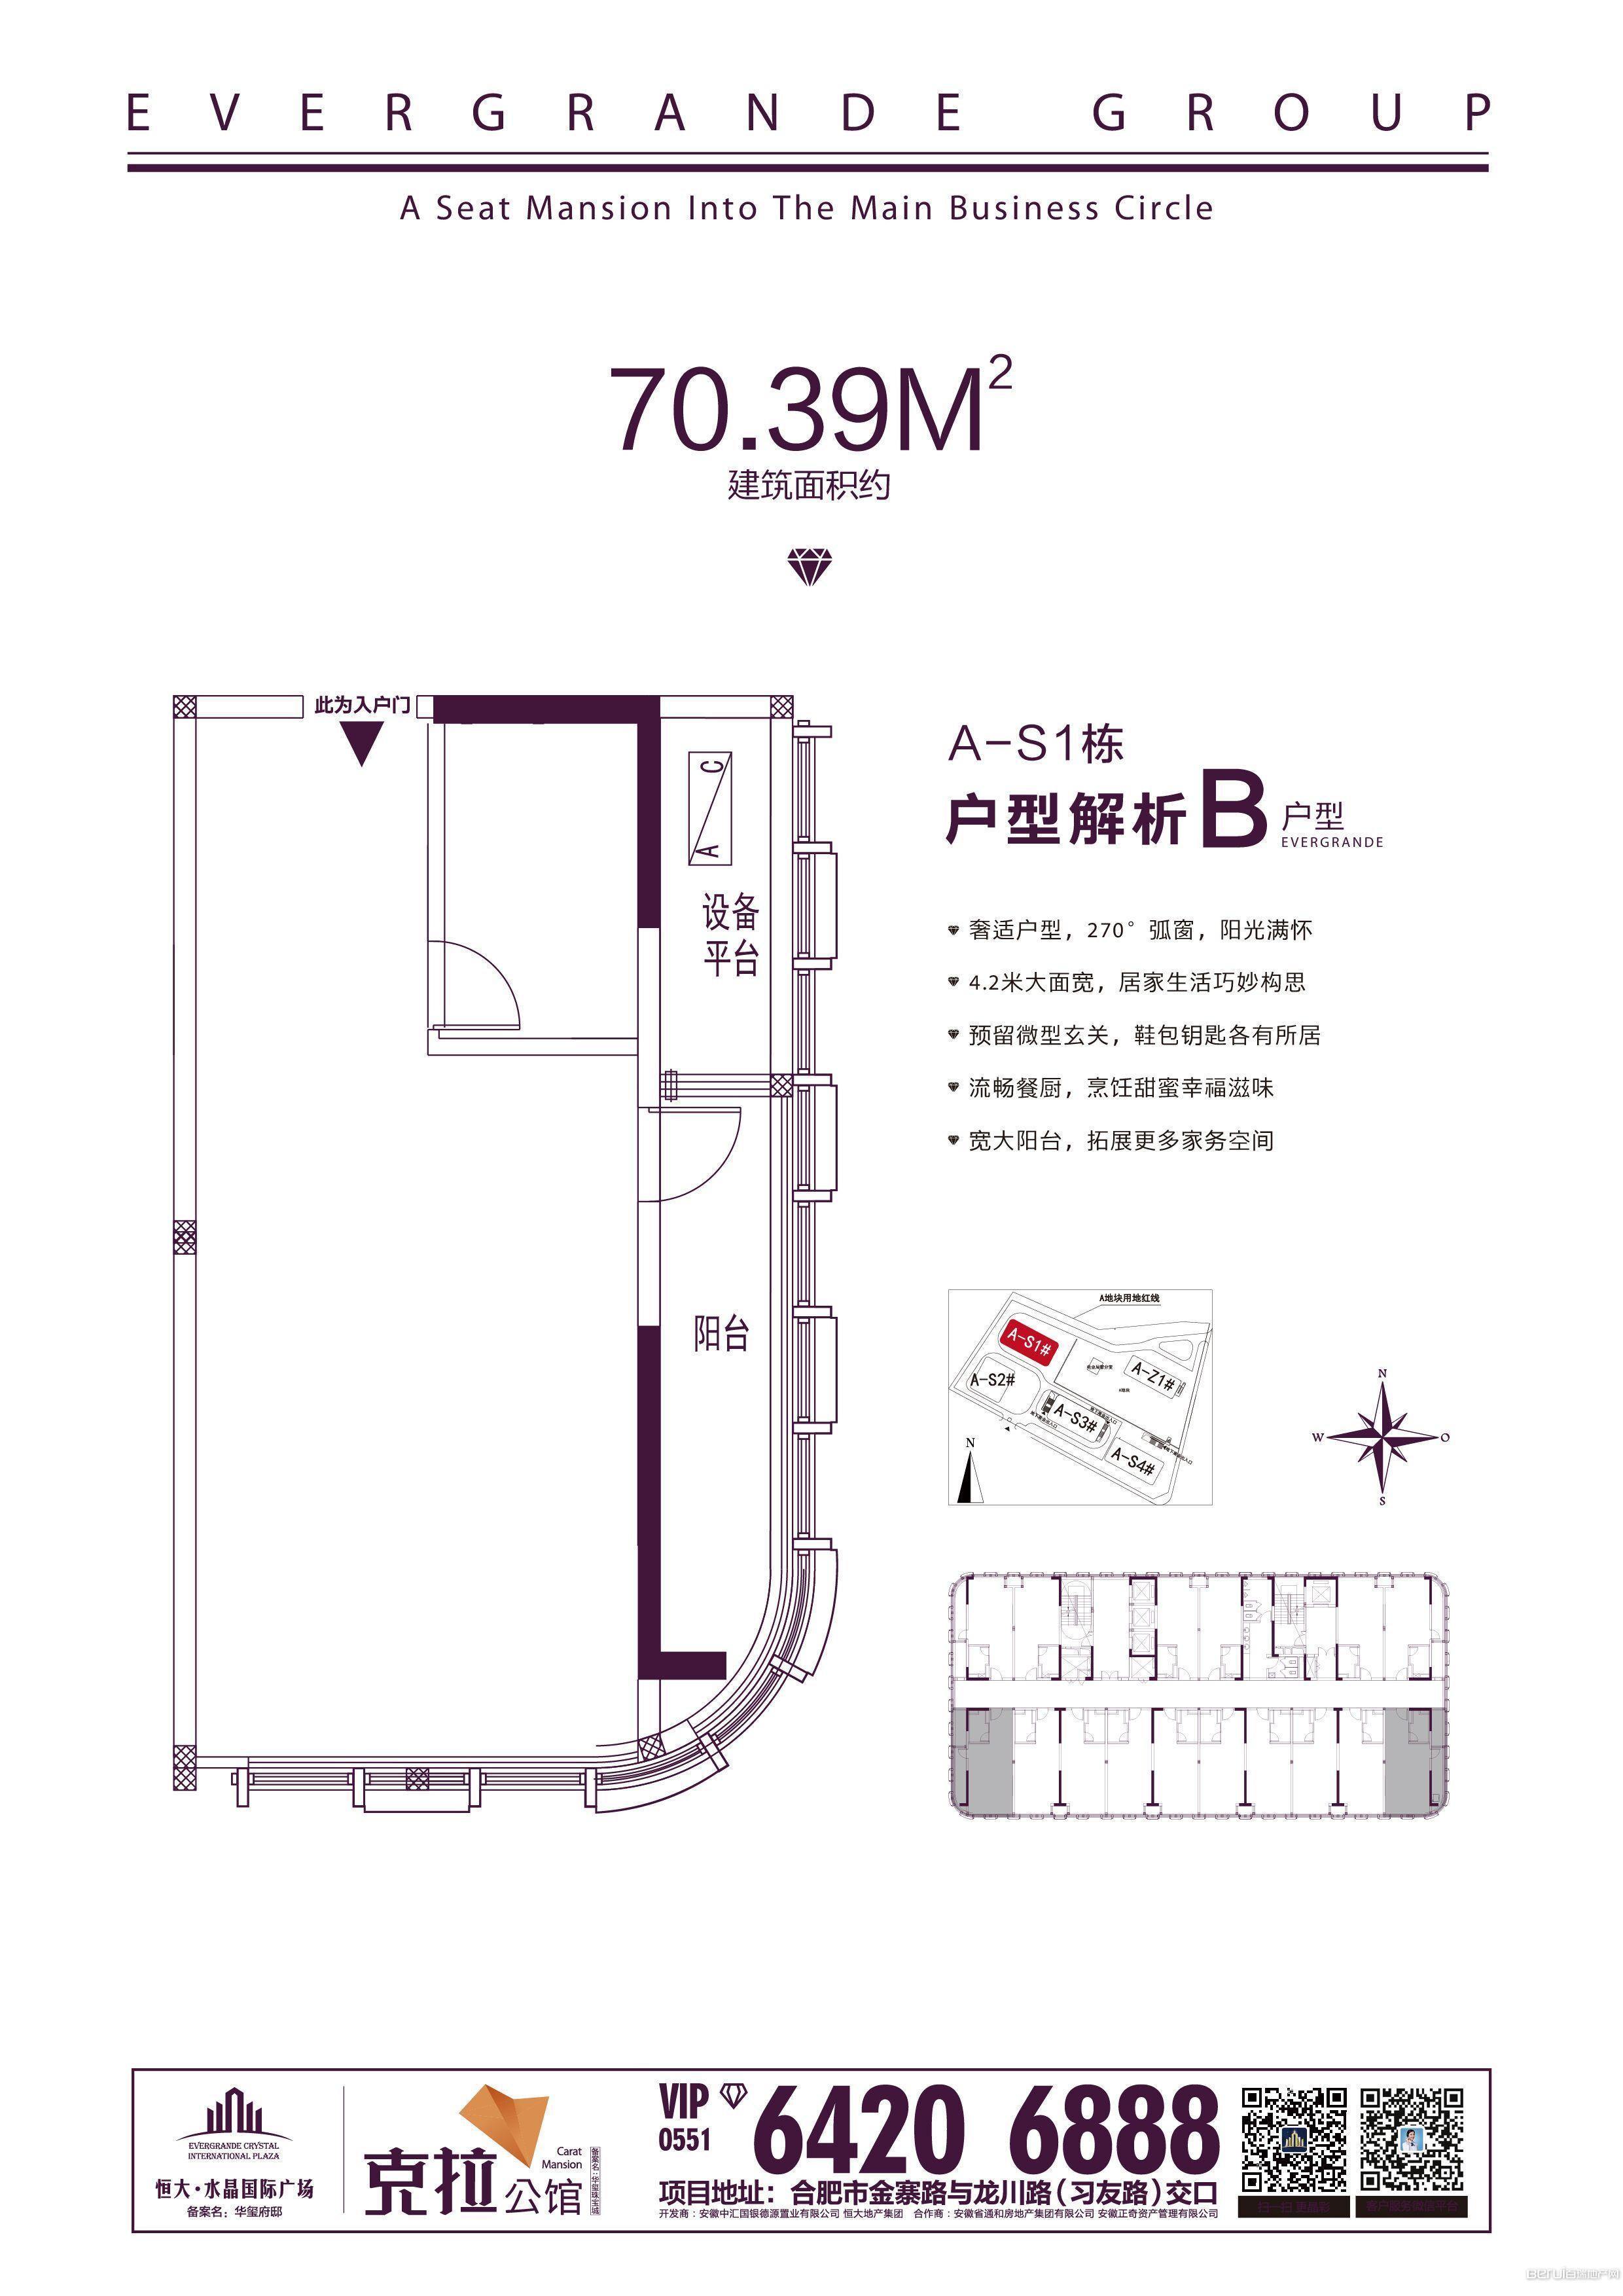 恒大水晶国际广场A-S1 B